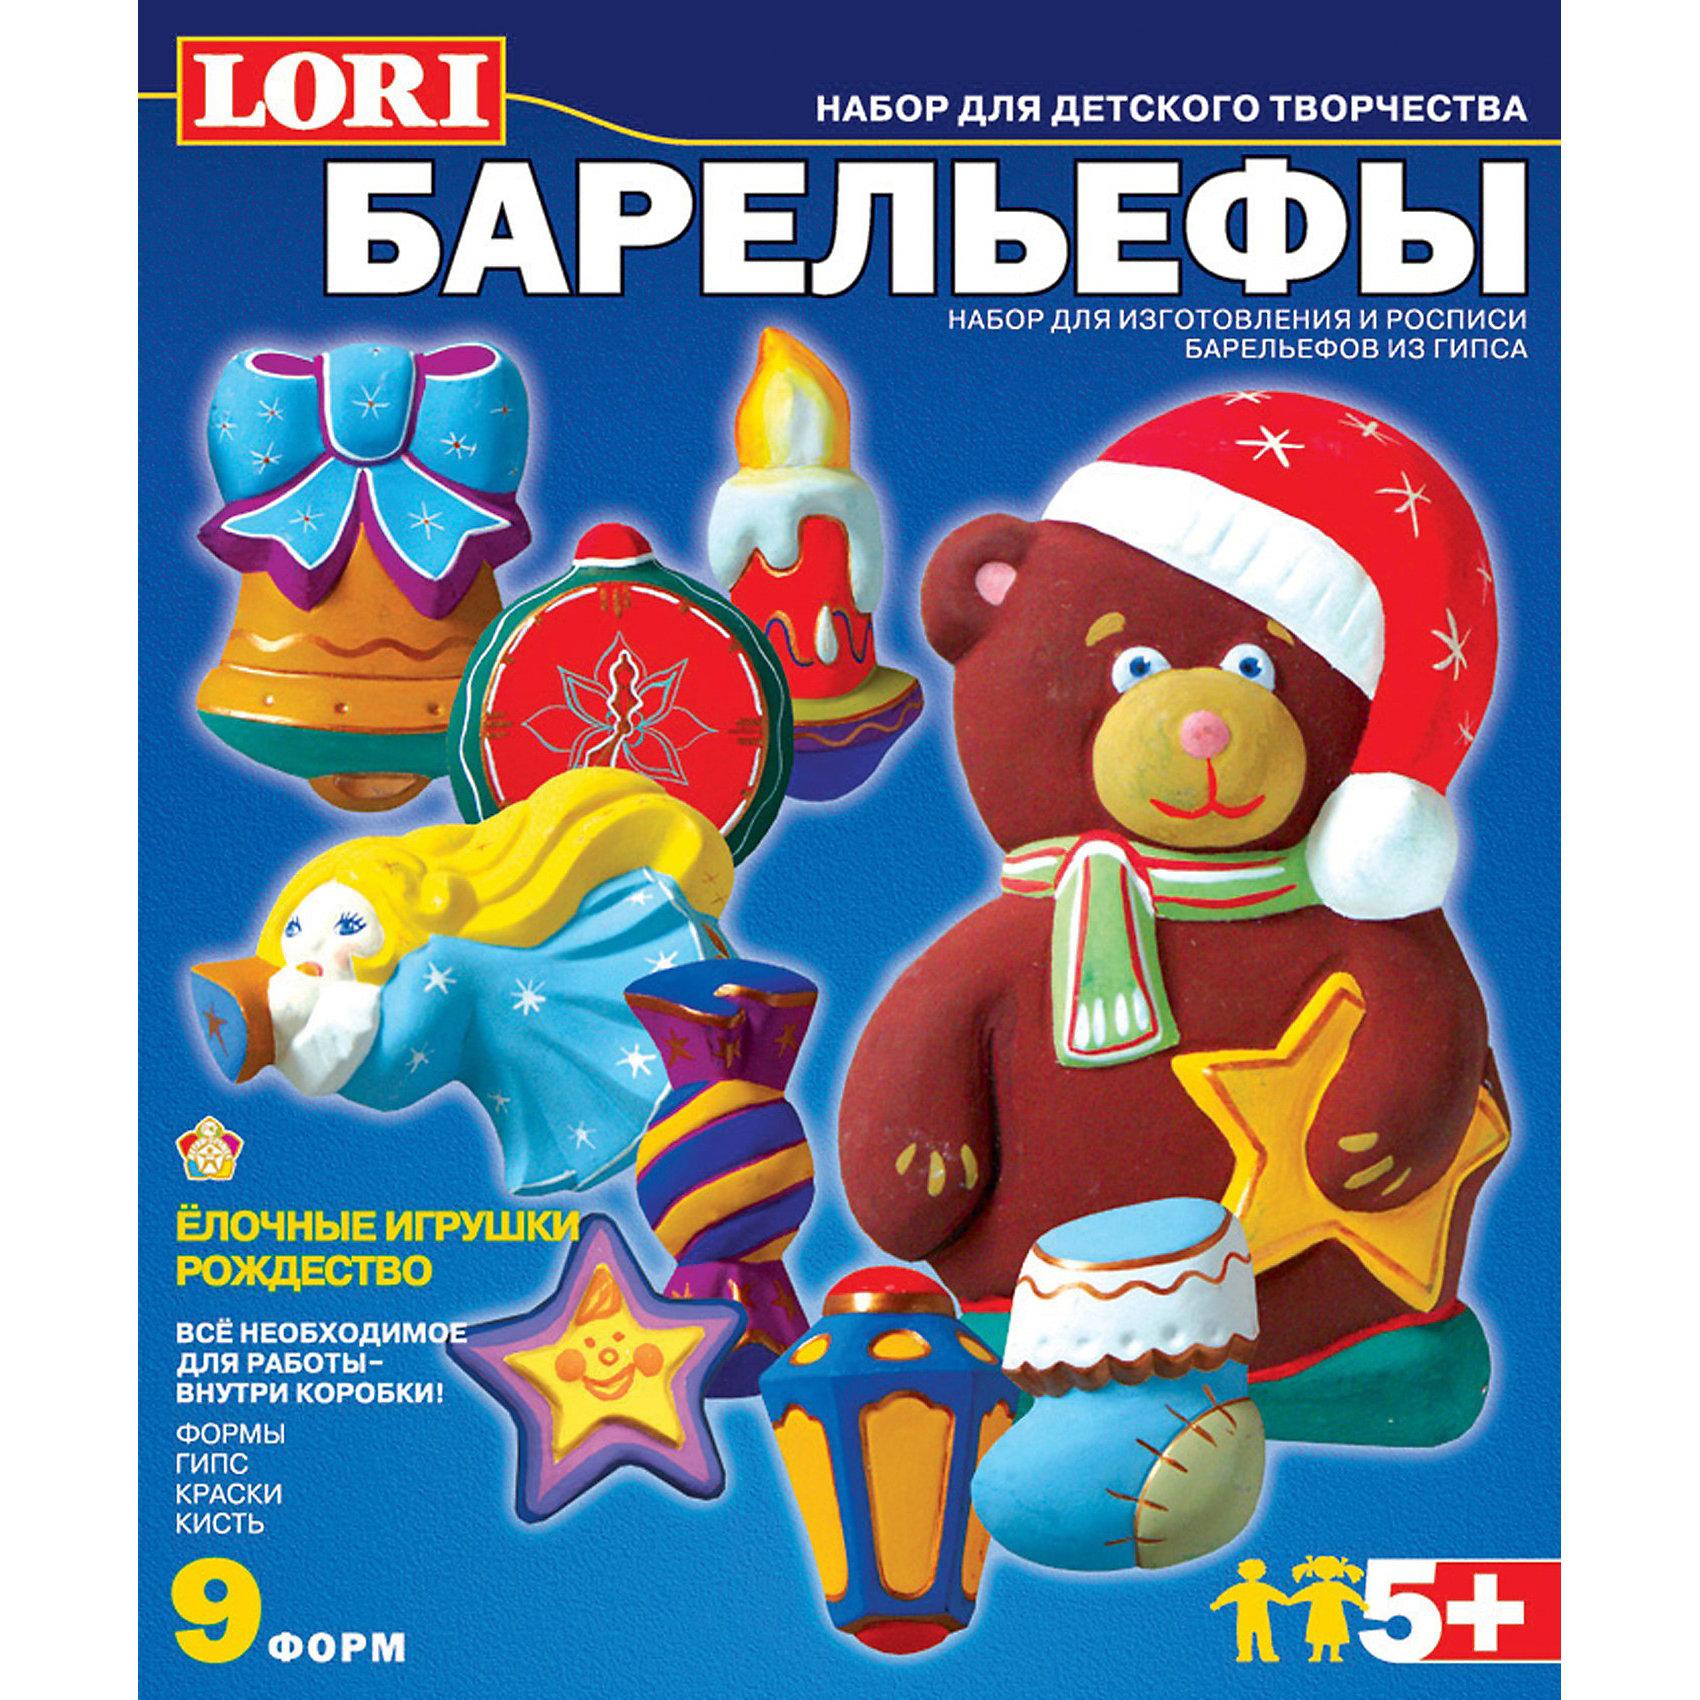 Набор для отливки Ёлочные игрушки. Рождество, LORIНабор для отливки Ёлочные игрушки. Рождество, LORI станет самым интересным занятием для Вашего малыша!<br>Готовое изделие – функциональная вещь.<br>Объемная фоторамка, фигурка на магните, подсвечник, тарелочка или красочная картинка могут стать украшением интерьера, подвеской, ёлочной игрушкой, эмблемой и послужить оригинальным подарком, сувениром.<br>Особое развивающее значение заключается в том, что процесс раскрашивания не предполагает точного копирования с образца на упаковке, ребенку можно и нужно применить фантазию и показать, каким он видит образ.<br>Творческий процесс такого рода позволяет снять стресс и усталость. Занятия с наборами этих серий положительно влияют на развитие образного мышления, эстетического восприятия и формирование художественного вкуса.<br><br>Дополнительная информация:<br><br>Размер: 220х185х50 мм.<br><br>Вес: 437 г.<br><br>Станет прекрасным развивающим подарком Вашему малышу!<br>Легко купить в нашем интернет-магазине!<br><br>Ширина мм: 220<br>Глубина мм: 185<br>Высота мм: 50<br>Вес г: 437<br>Возраст от месяцев: 60<br>Возраст до месяцев: 144<br>Пол: Унисекс<br>Возраст: Детский<br>SKU: 3376815